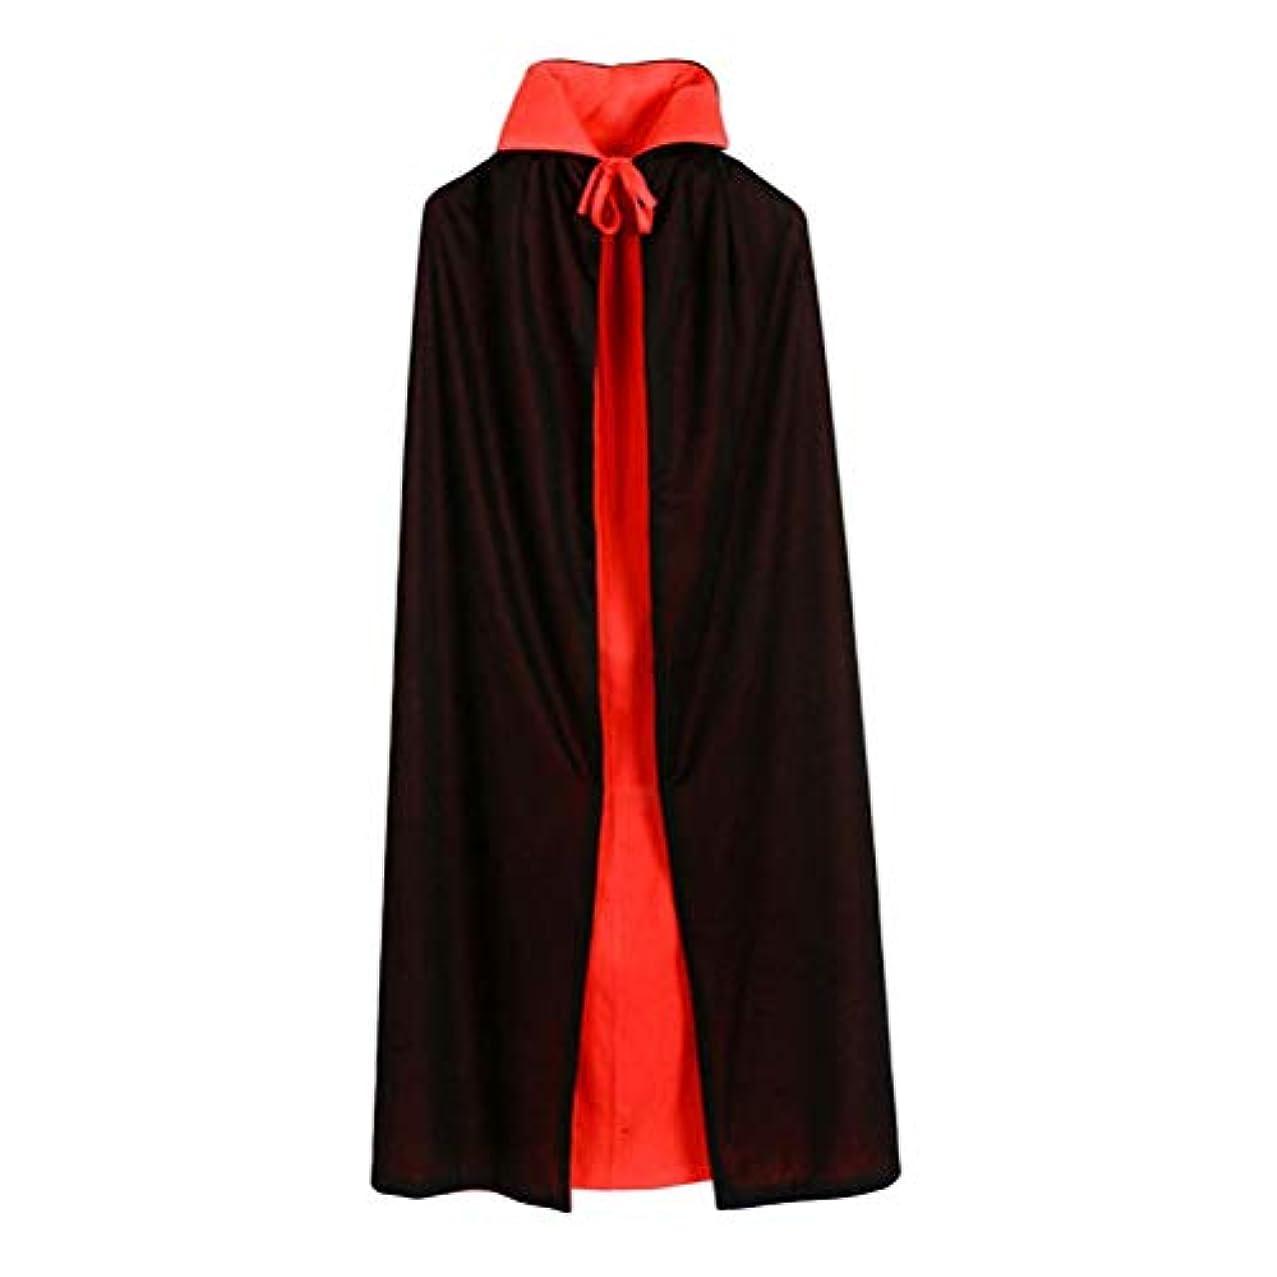 六分儀解く訪問Toyvian ヴァンパイアマント二重層黒と赤のフード付きマントヴァンパイアコスチュームコスプレケープは男の子と女の子のためにドレスアップ(90cmストレートカラーダブルマント)